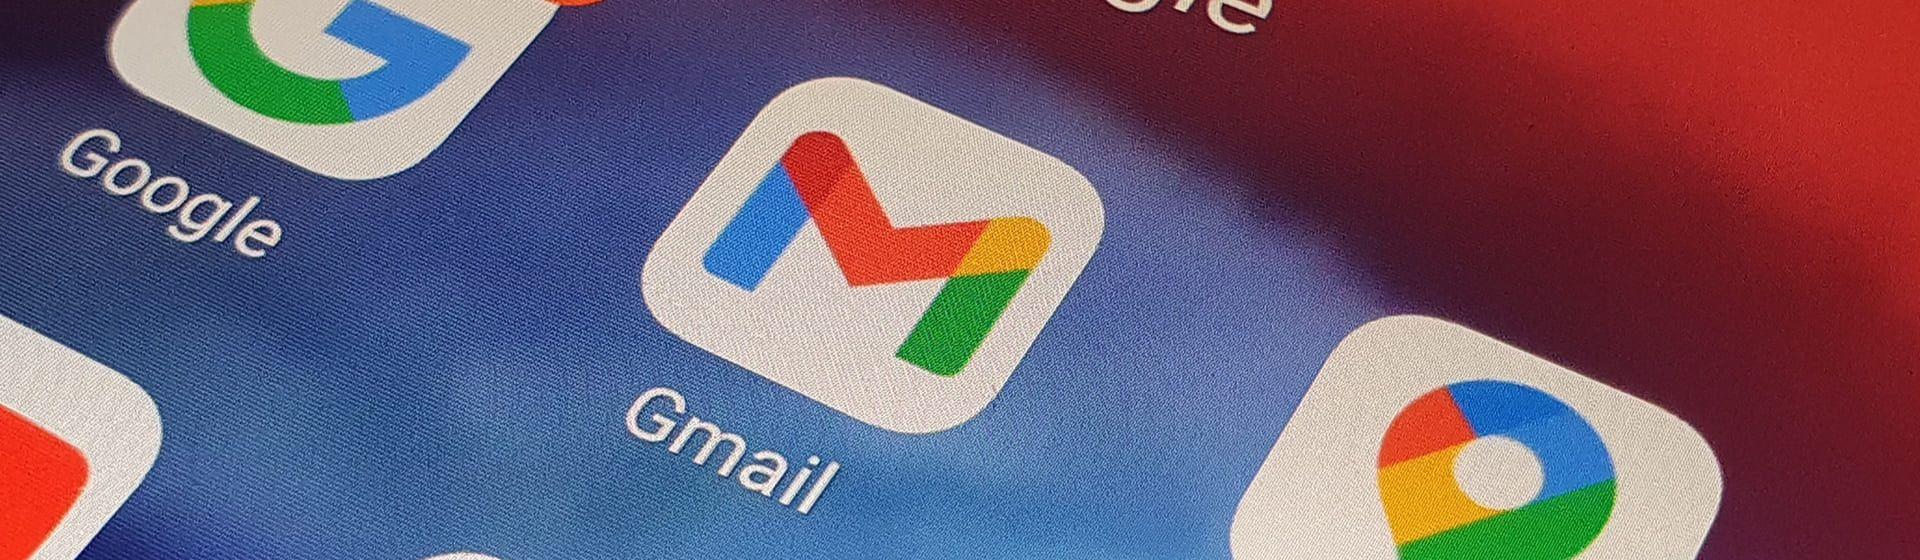 Como colocar o Gmail em português? Aprenda esse método simples